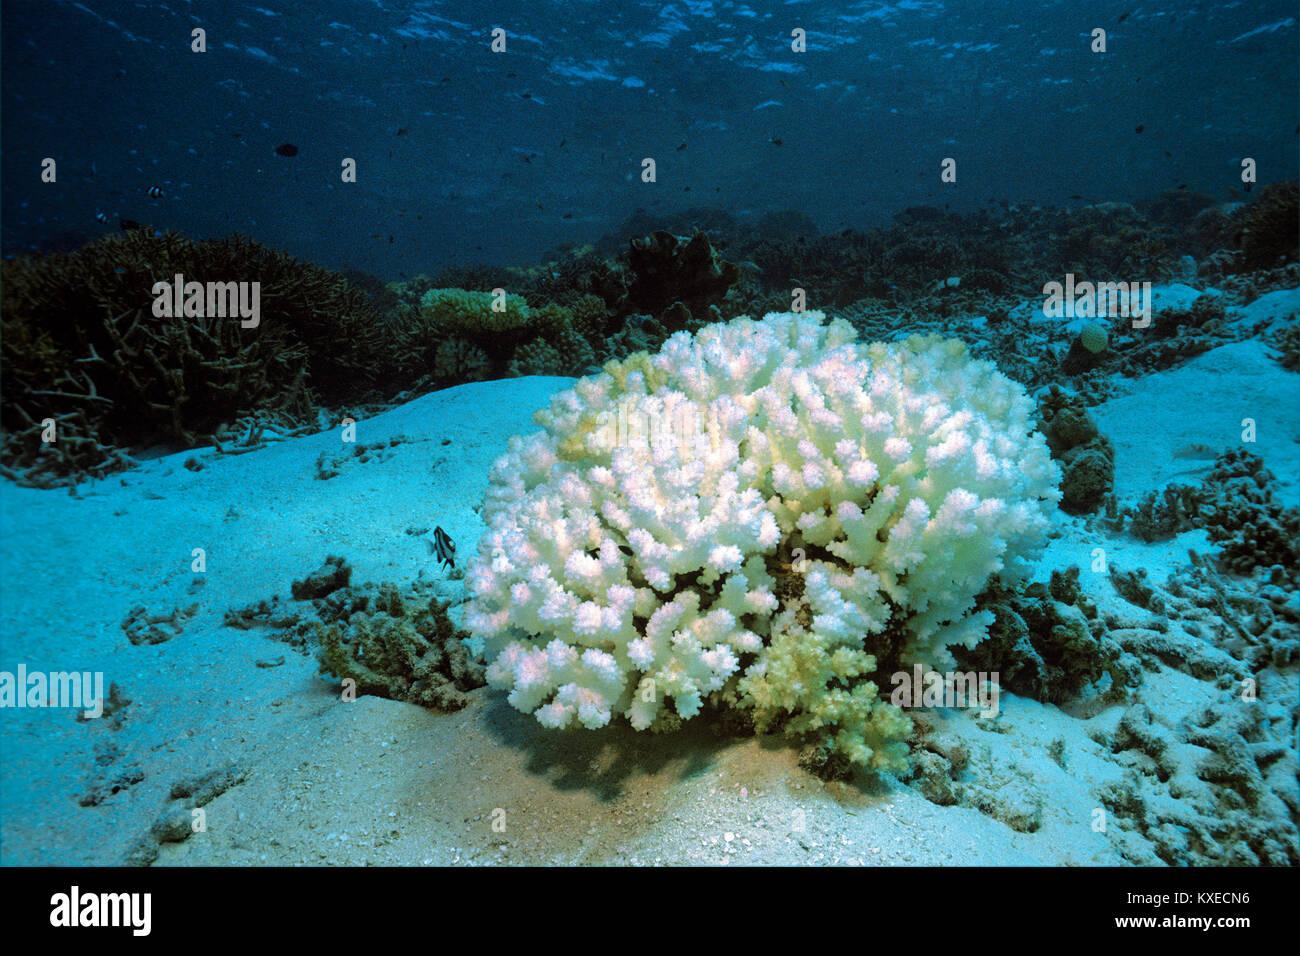 Pierre blanchie, le blanchissement du corail, conséquences du réchauffement climatique, à des récifs Photo Stock